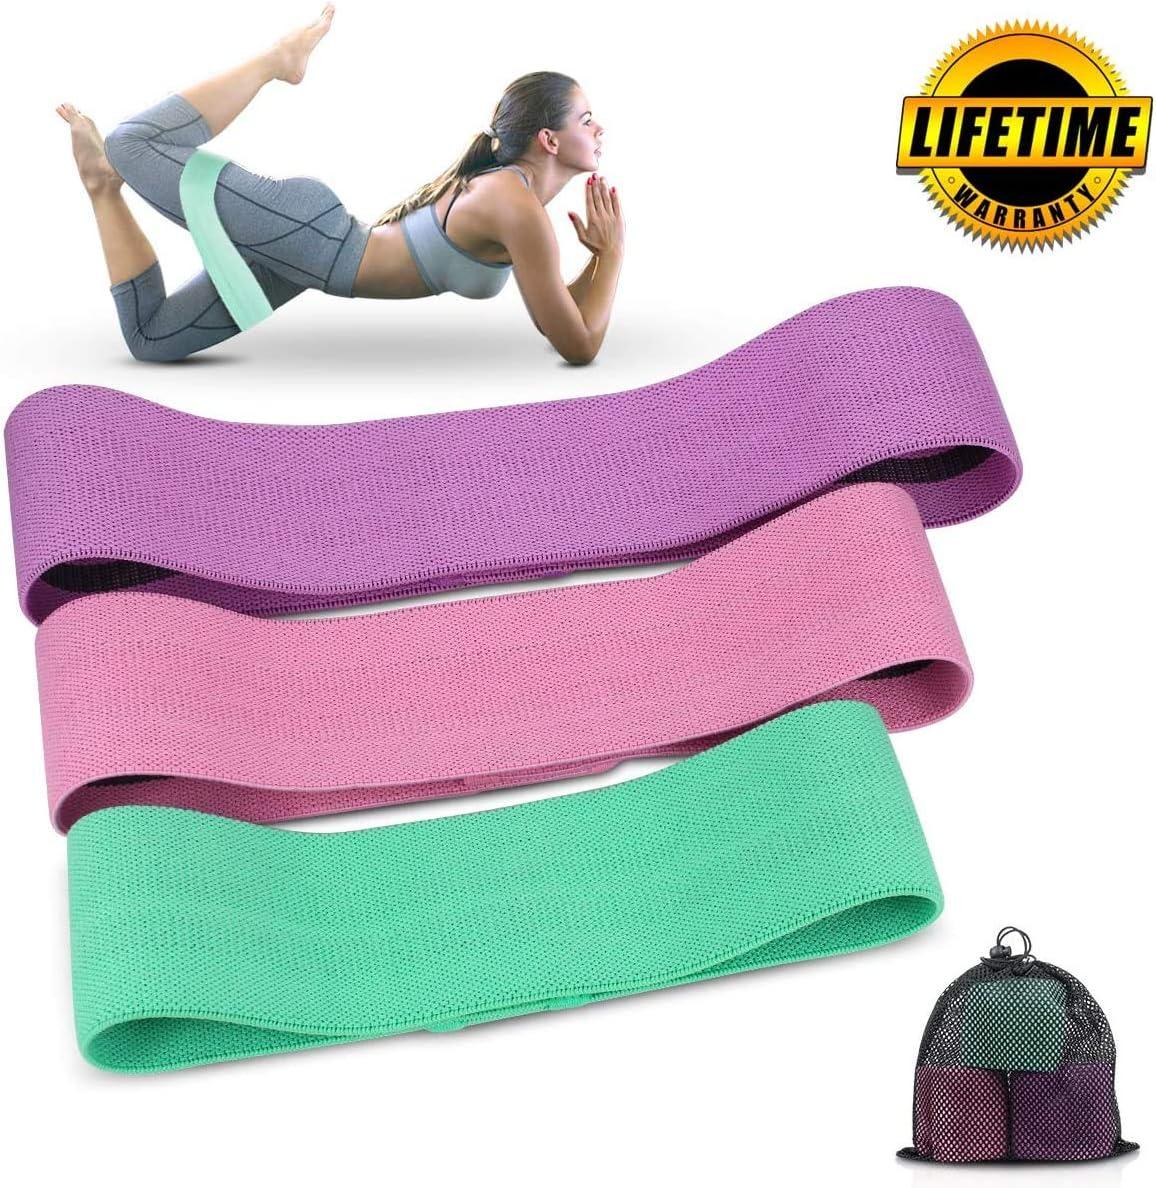 Crossfit 3 Piezas Cintas Elasticas Musculacion para Yoga Fitness Cocoda Bandas Elasticas Musculacion Pilates Ancha Antideslizantes Bandas de Resistencia con 3 Niveles para Cadera//Gluteos//Piernas